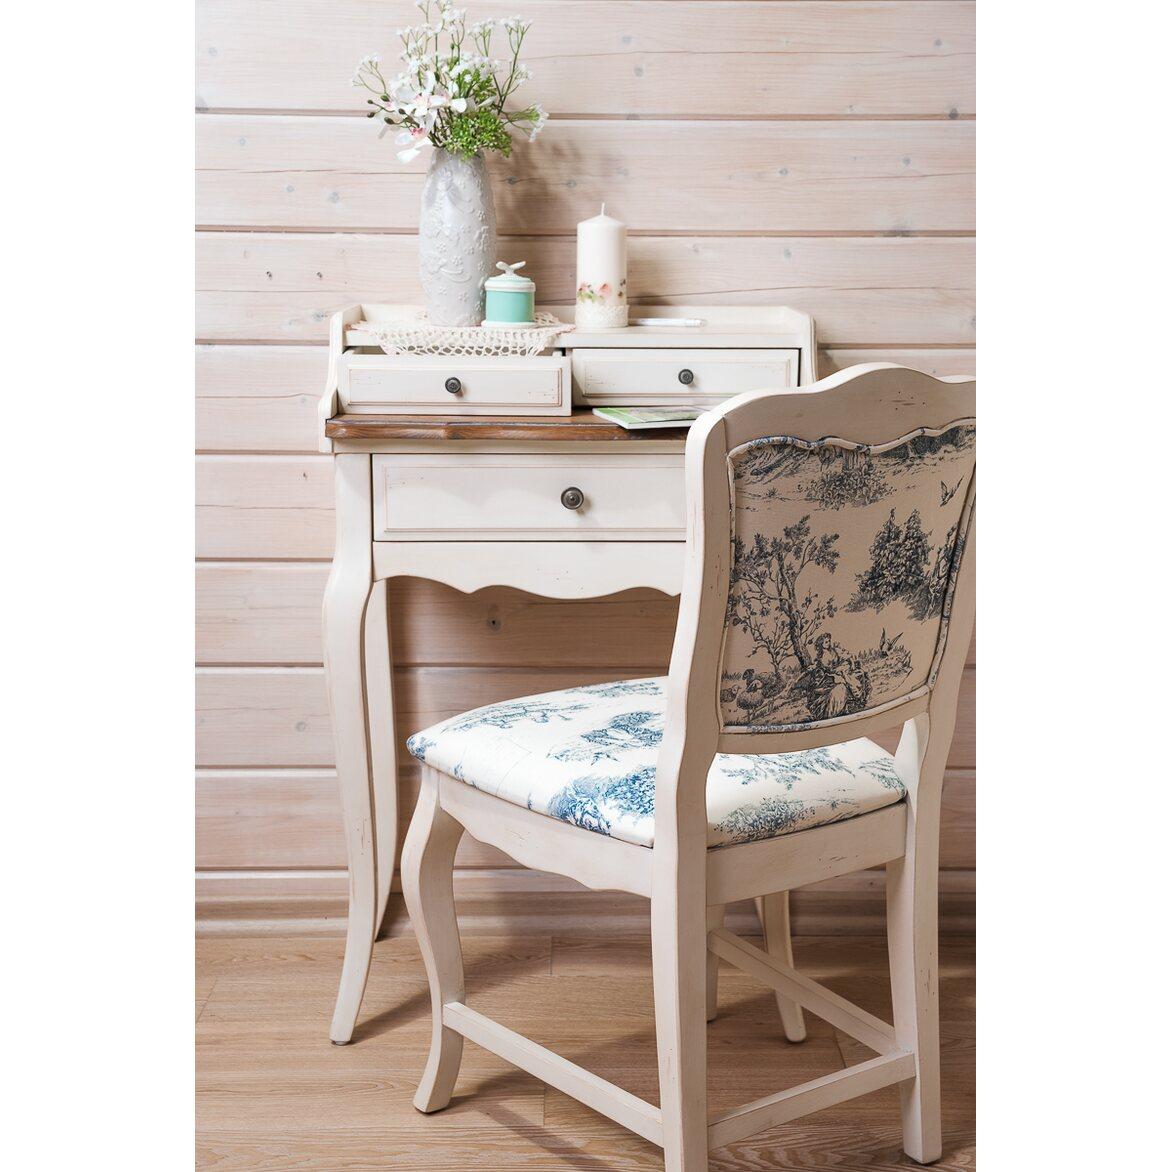 Стул Leontina с мягким сиденьем, бежевого цвета 8 | Обеденные стулья Kingsby